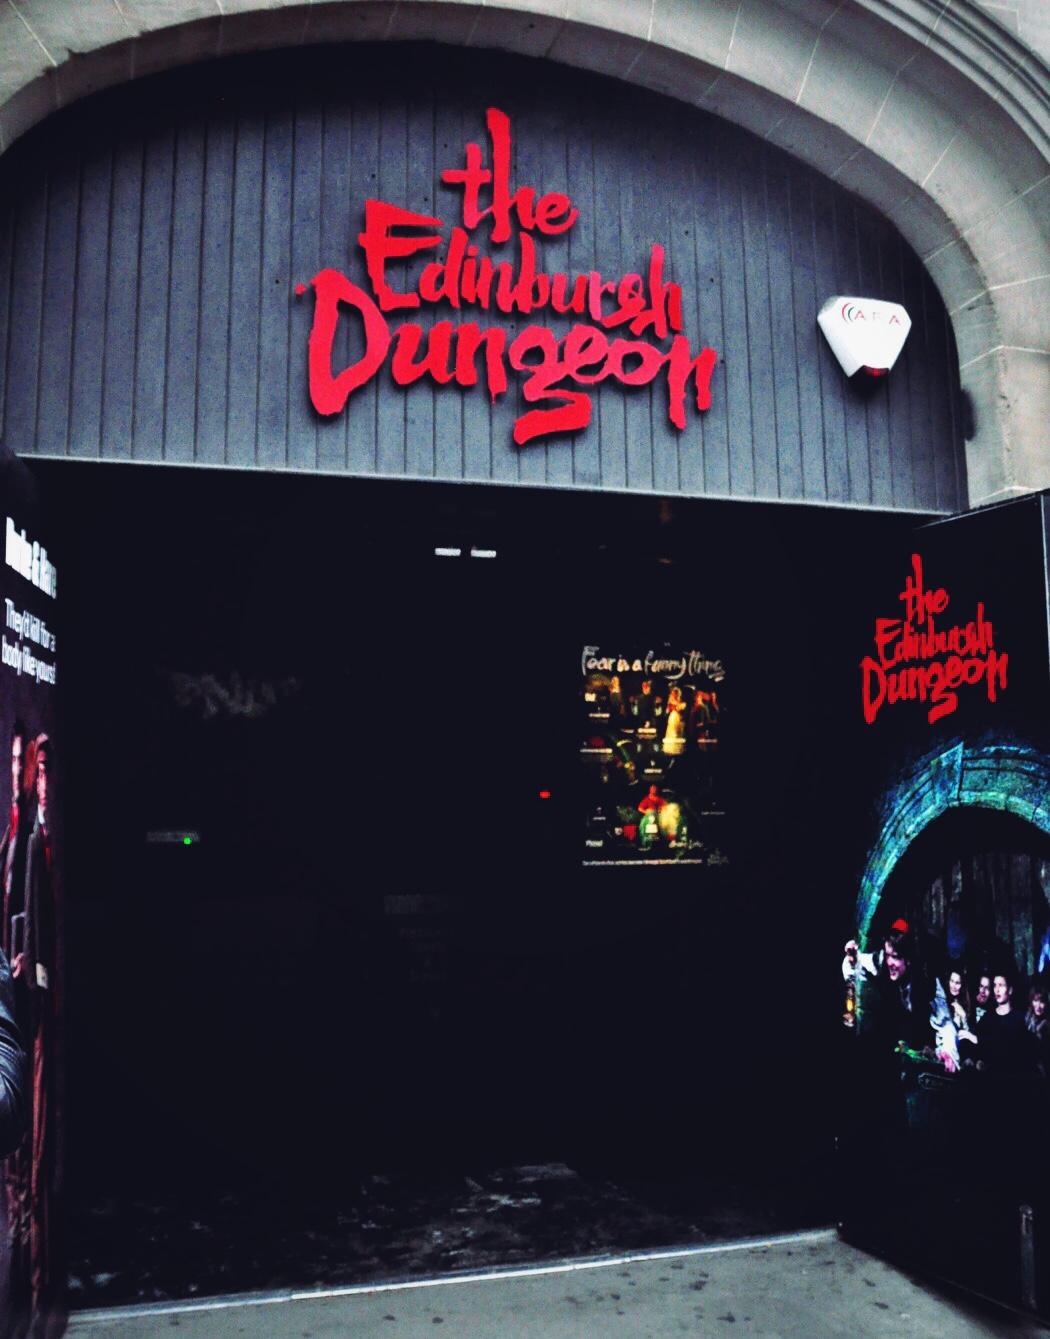 edinburgh-dungeon-outside-view